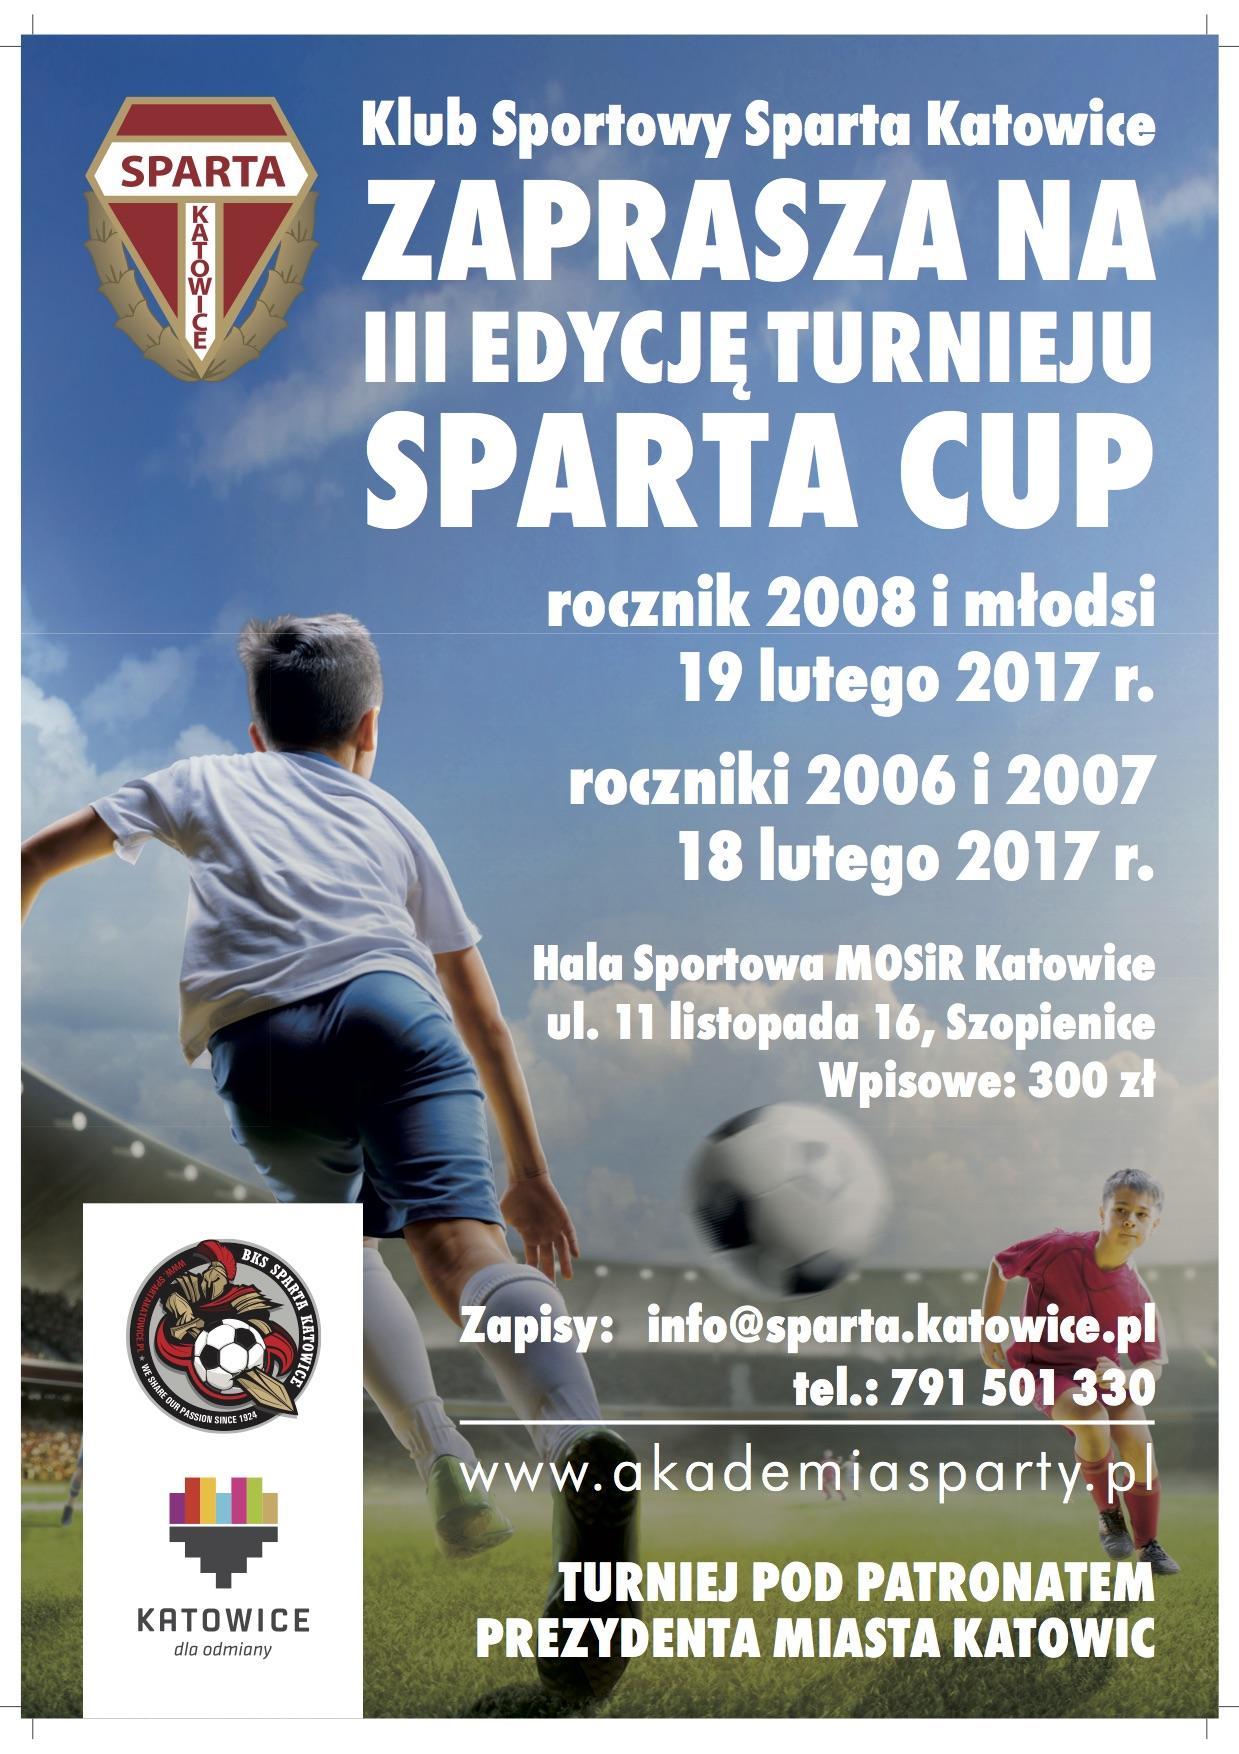 Sparta Cup 2017!